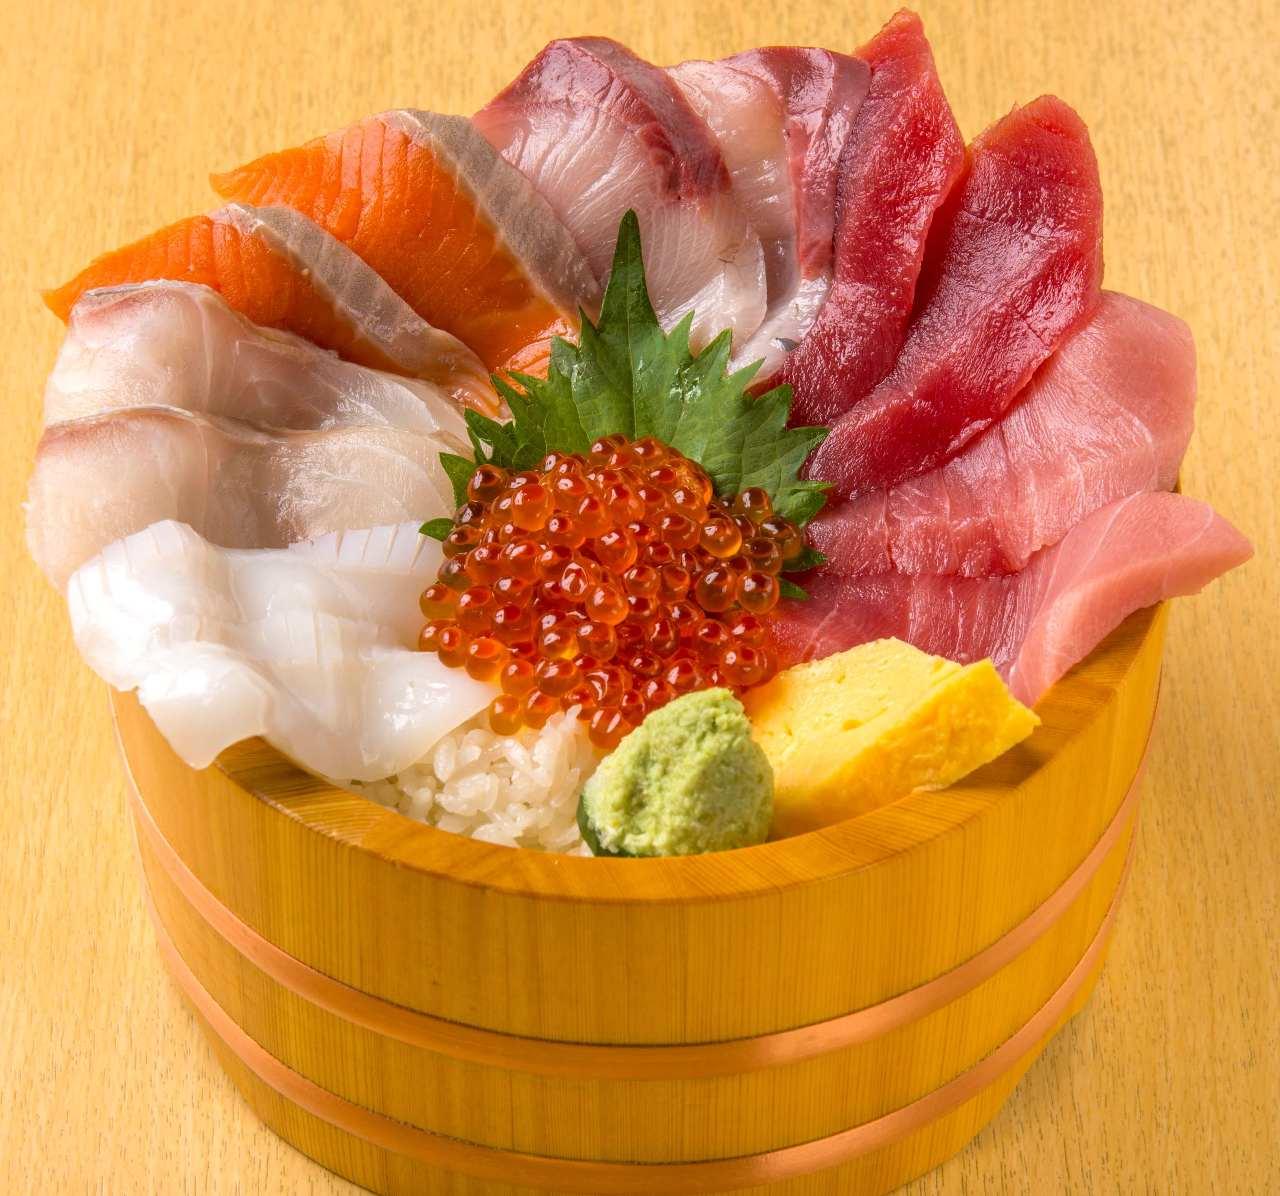 大江戸で味わう感動の海鮮丼!市場の海鮮を思う存分ご堪能あれ!